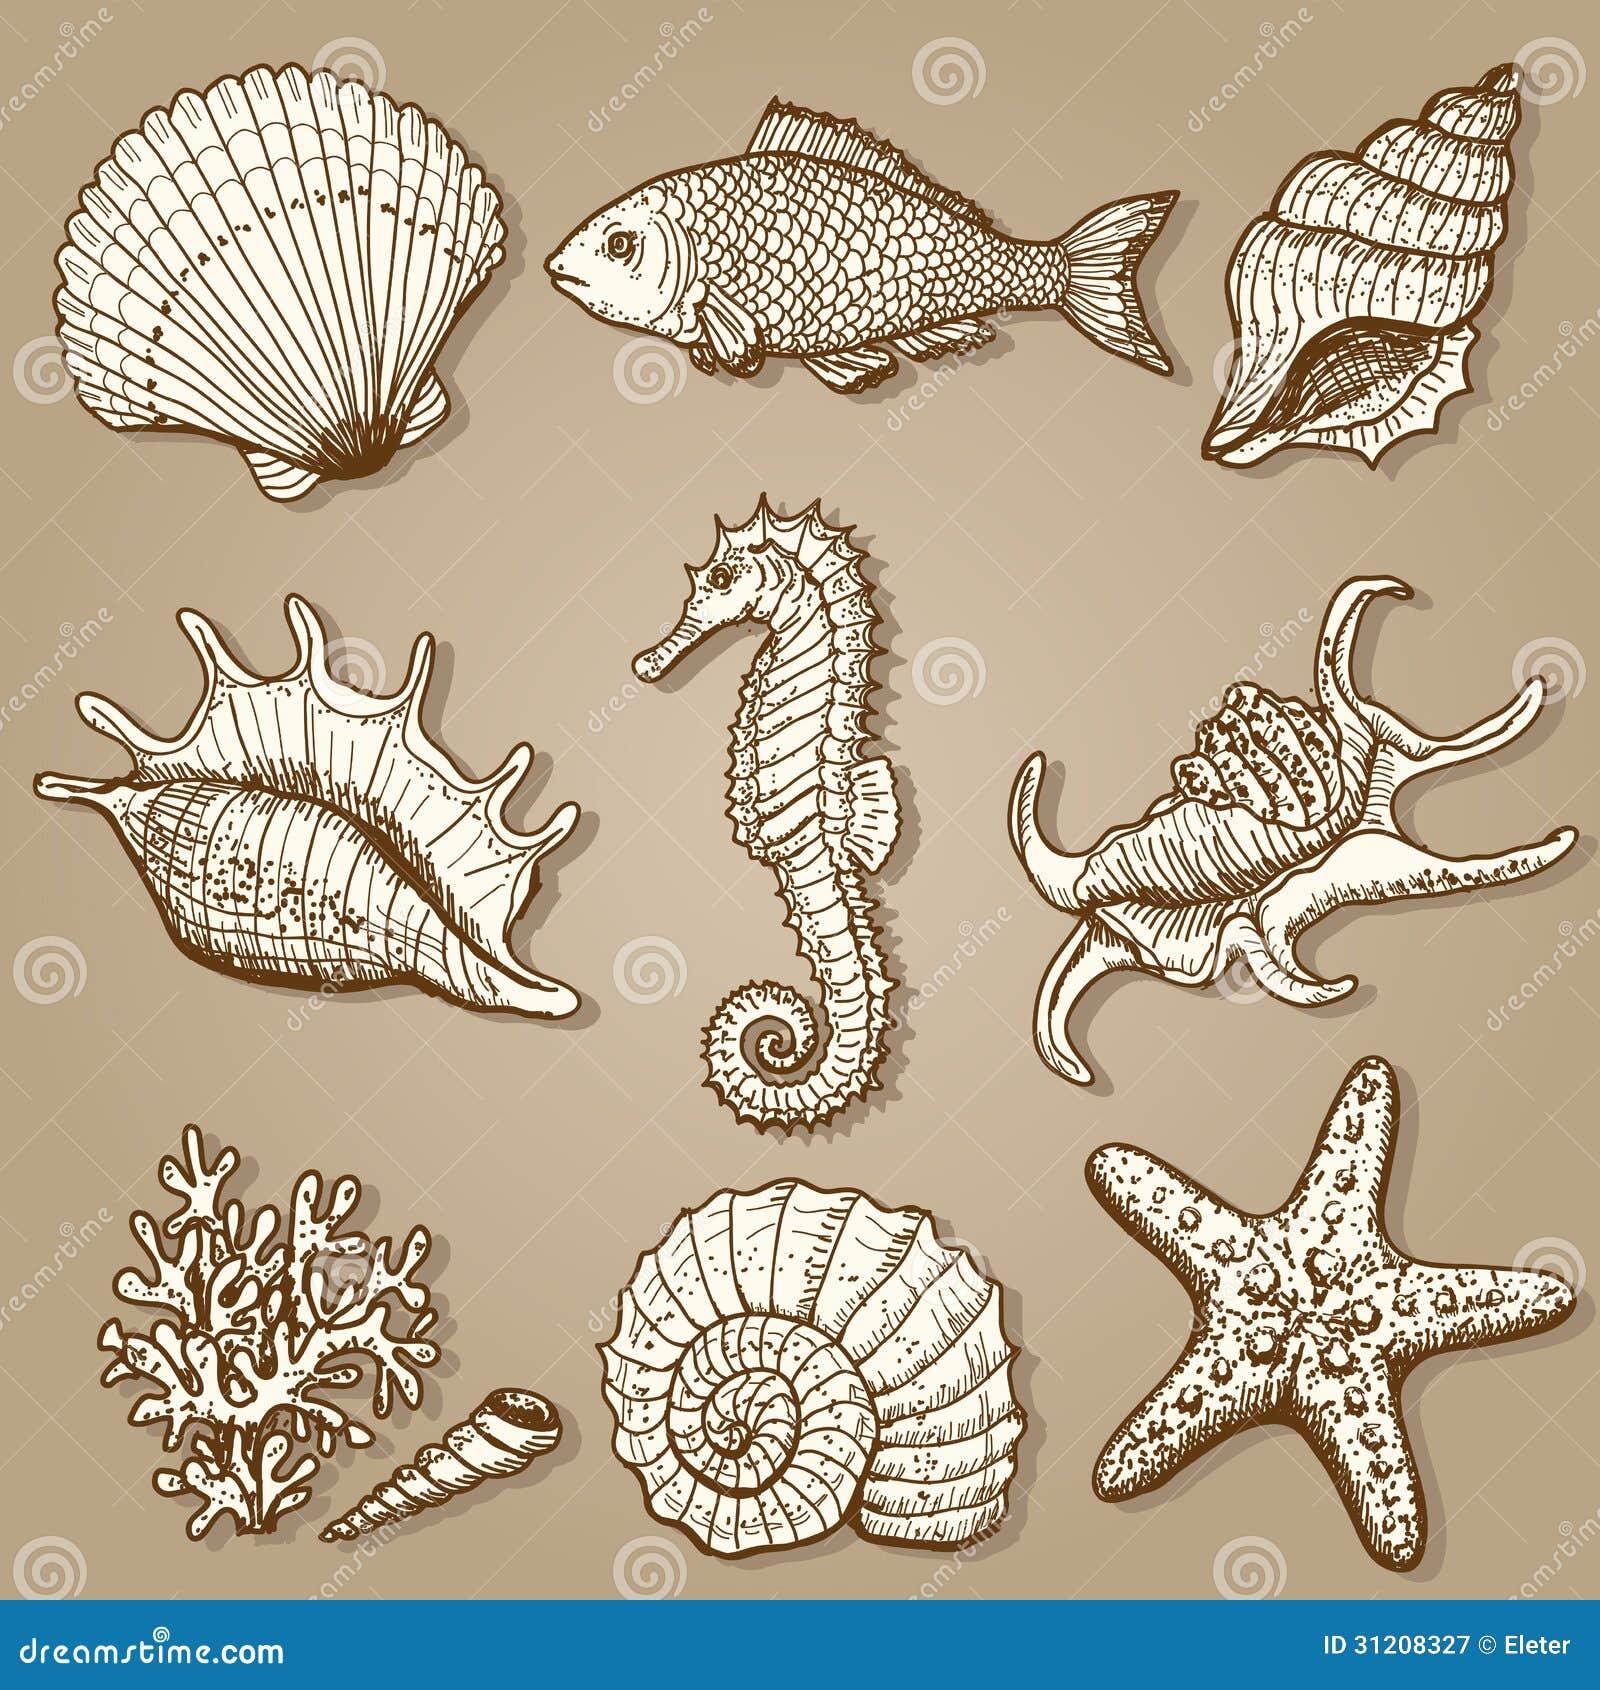 Собрание моря. Первоначально иллюстрация нарисованная рукой